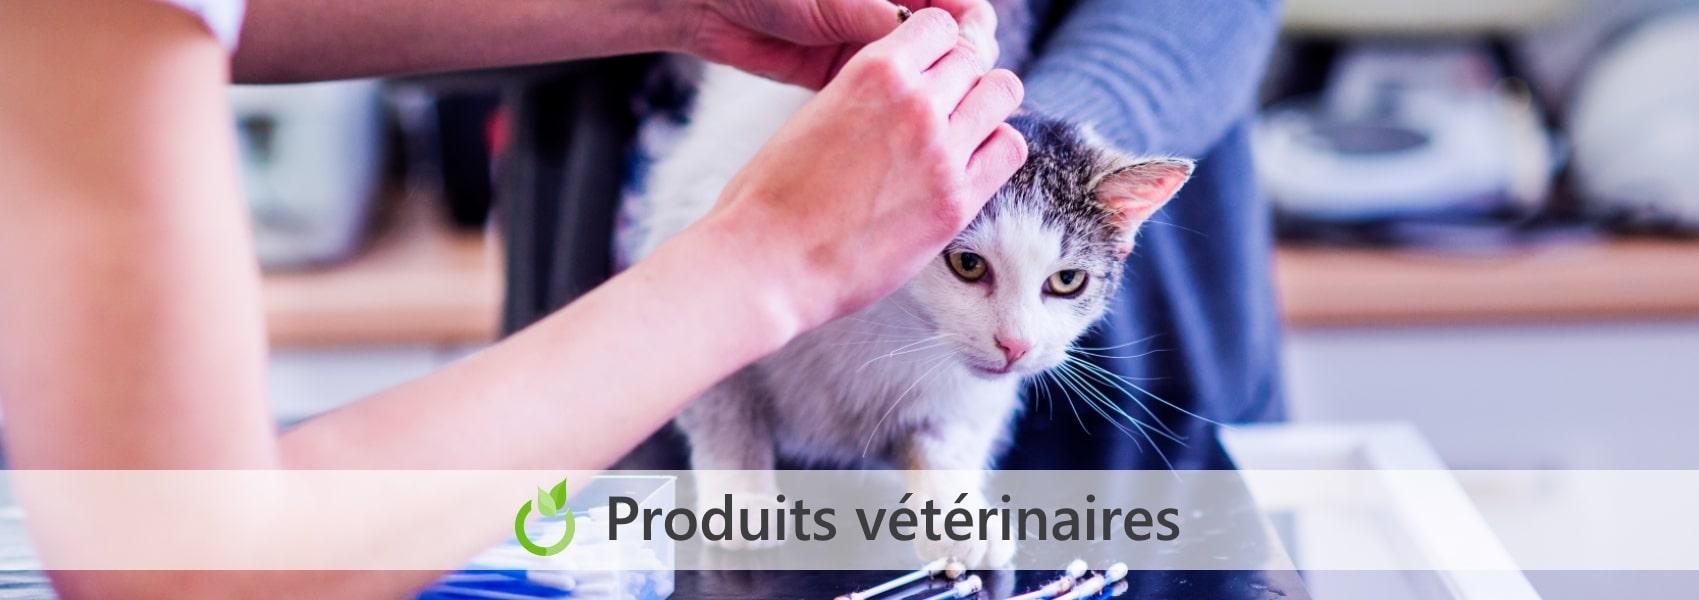 produits vétérinaire animaux en pharmacie à Canteleu portail